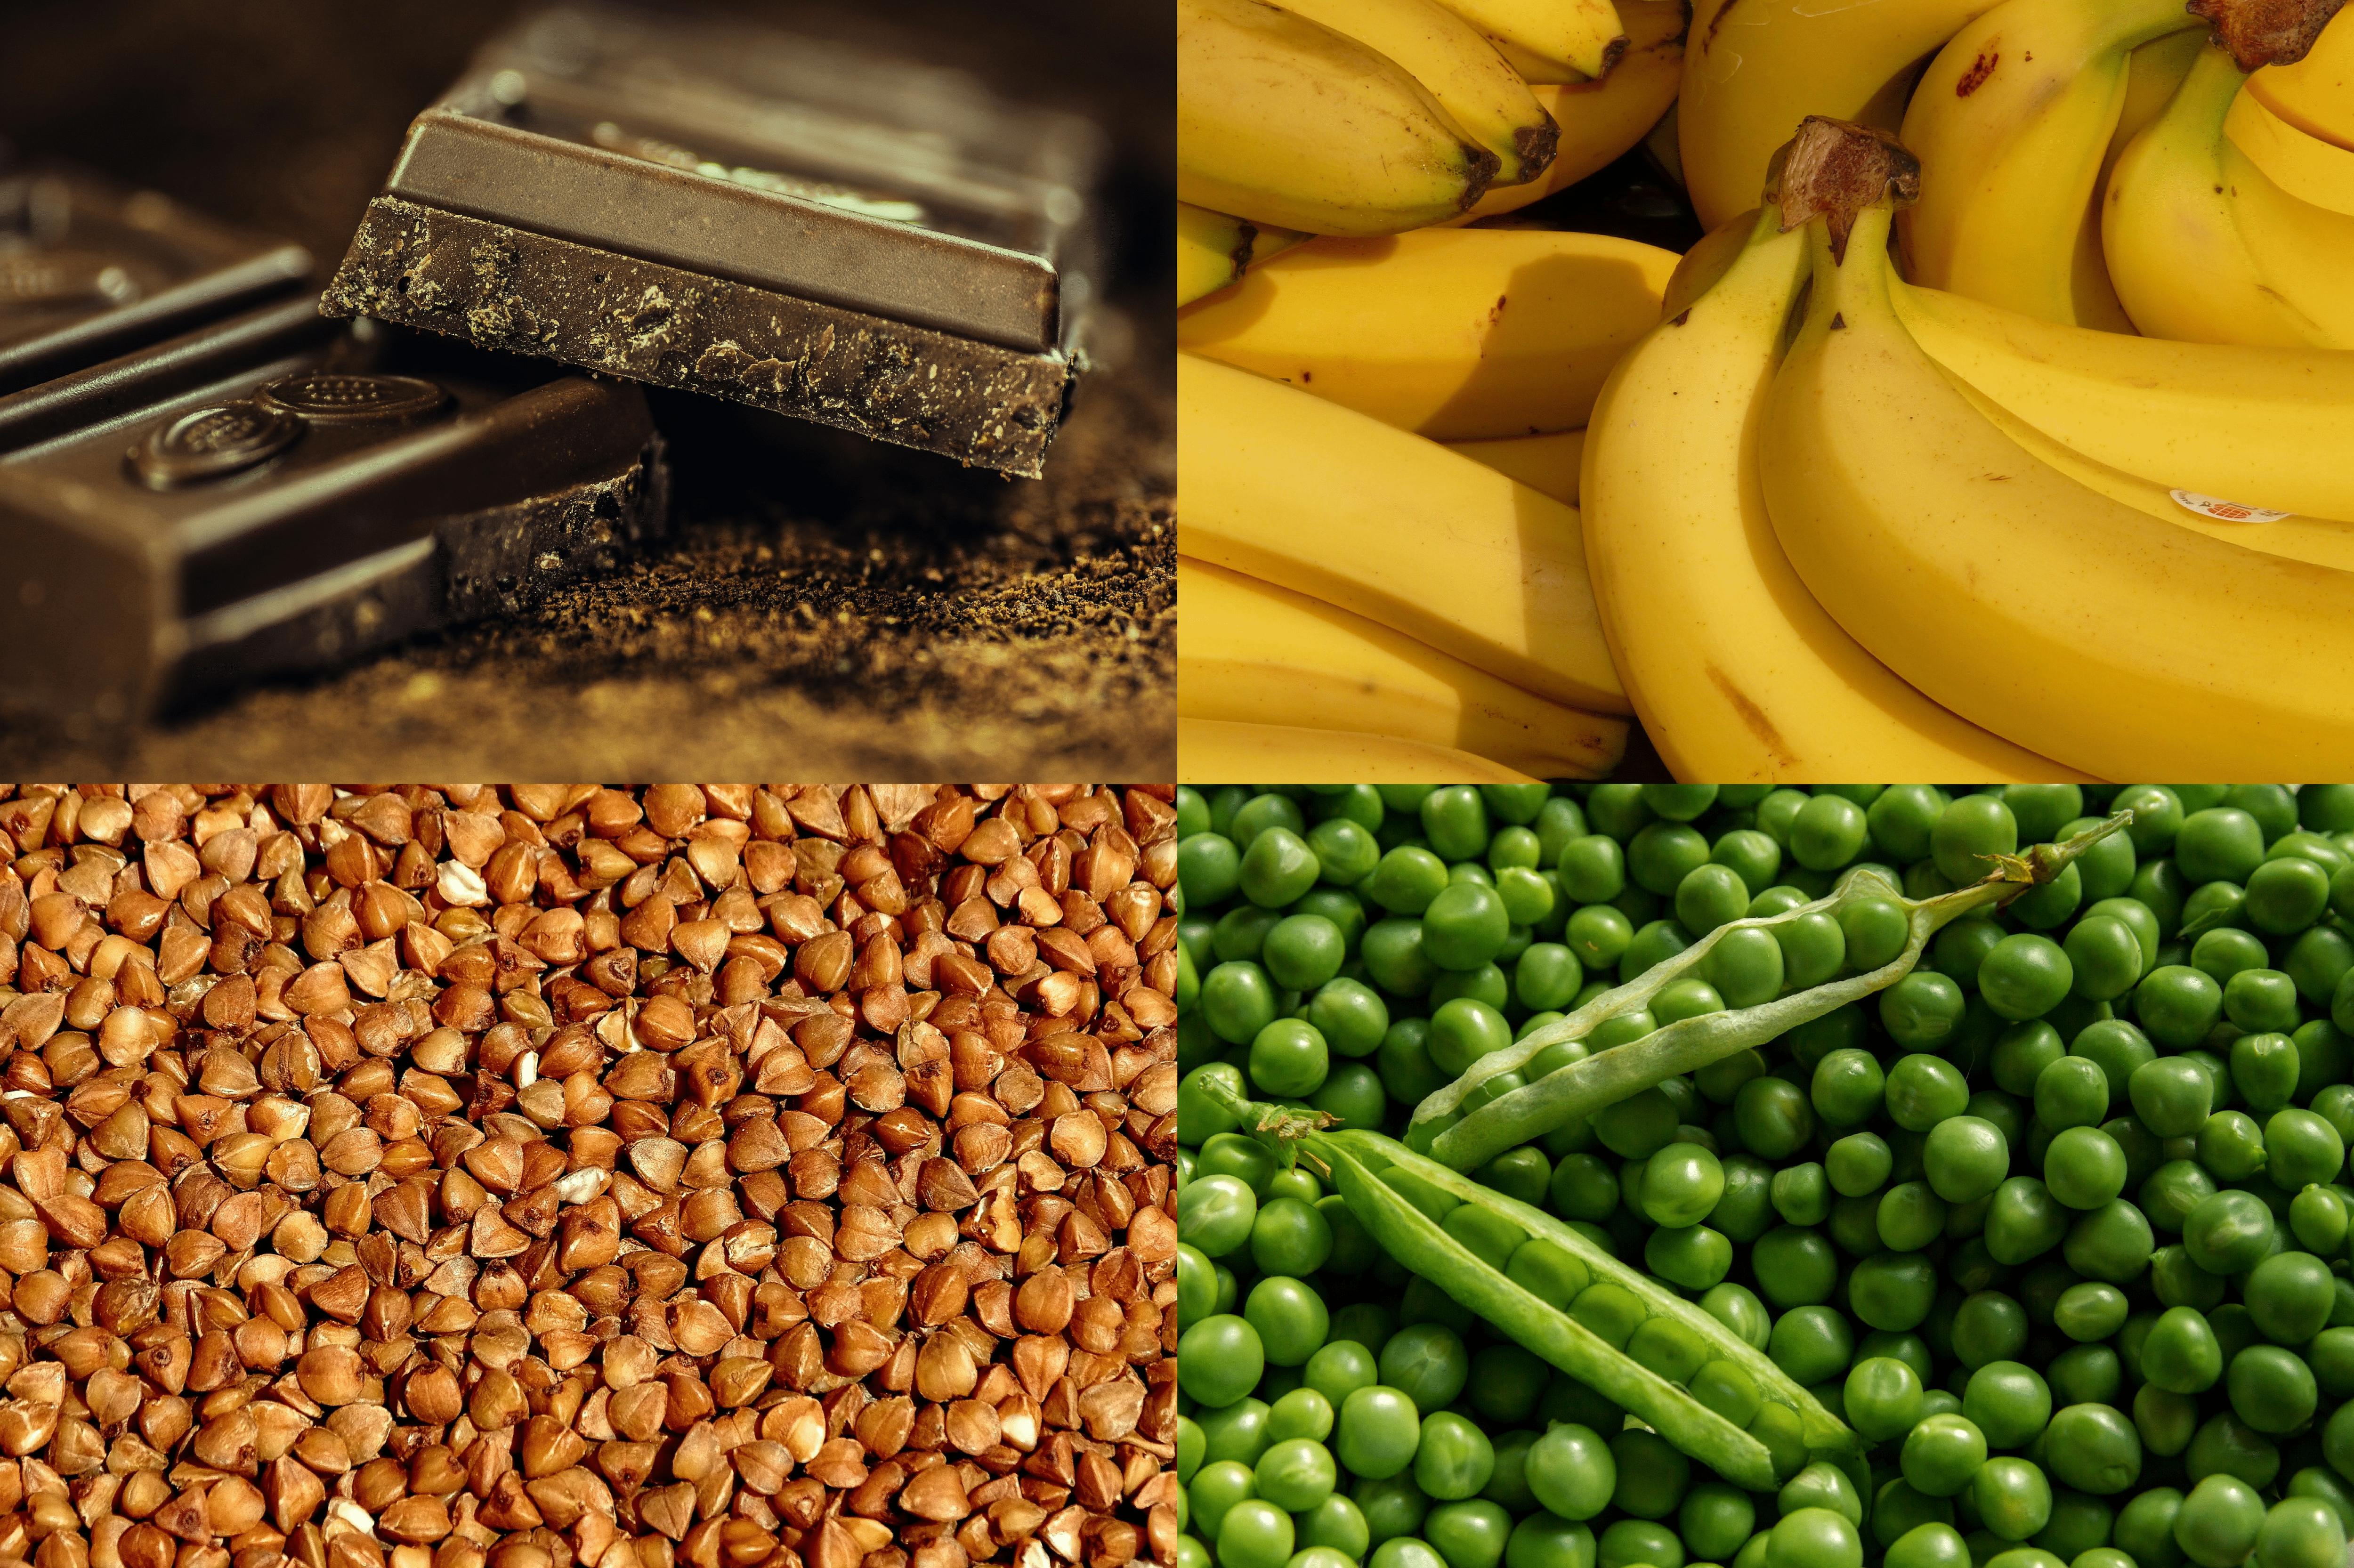 dieta bogata wmagnez, kakao, kasza gryczana, banany, groch, fasola, ciecierzyca, płatki owsiane, orzechy Matka Aptekarka